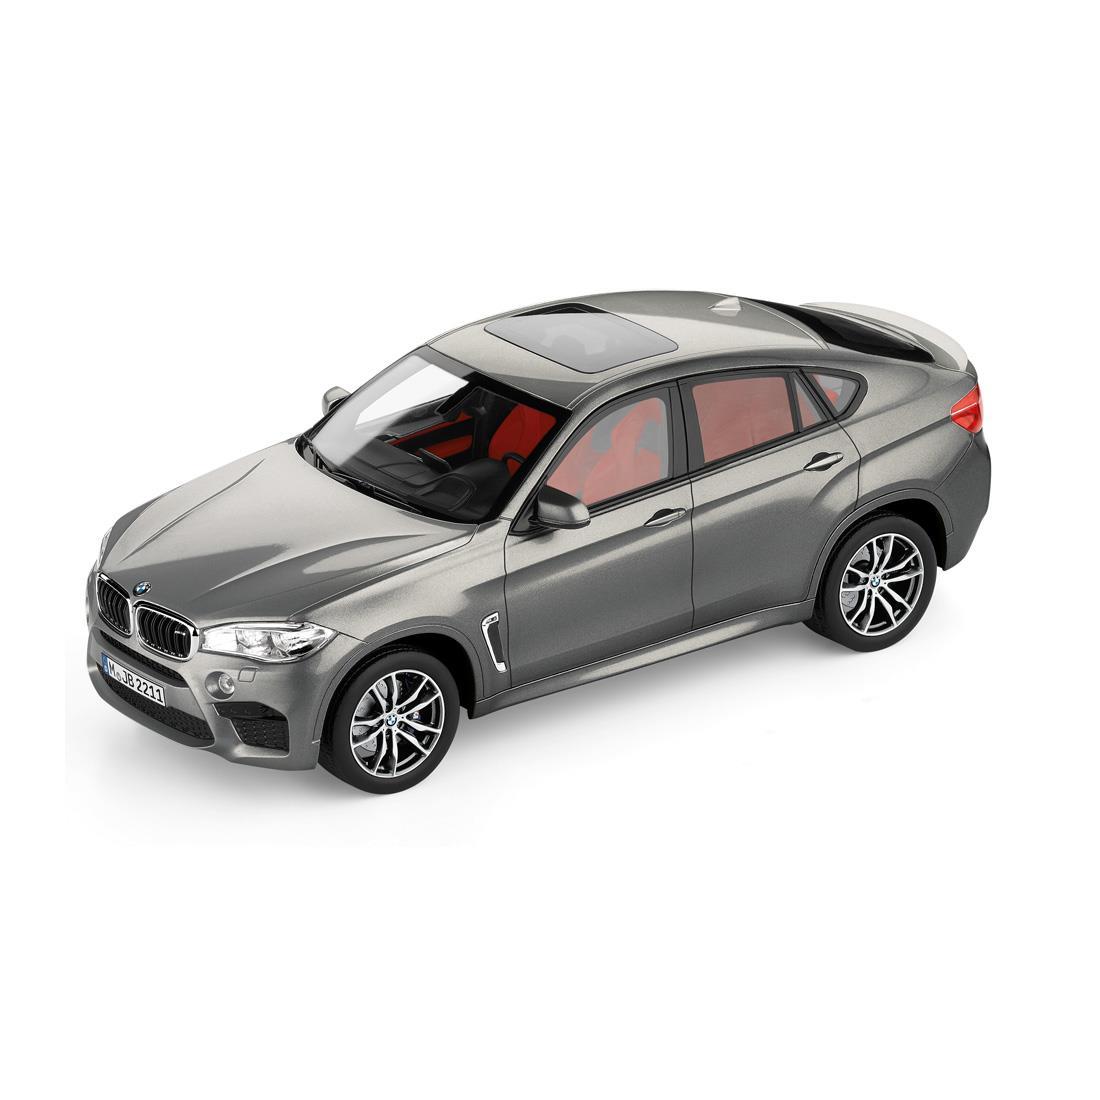 BMW Miniature X6 M (F86) Donington Grey